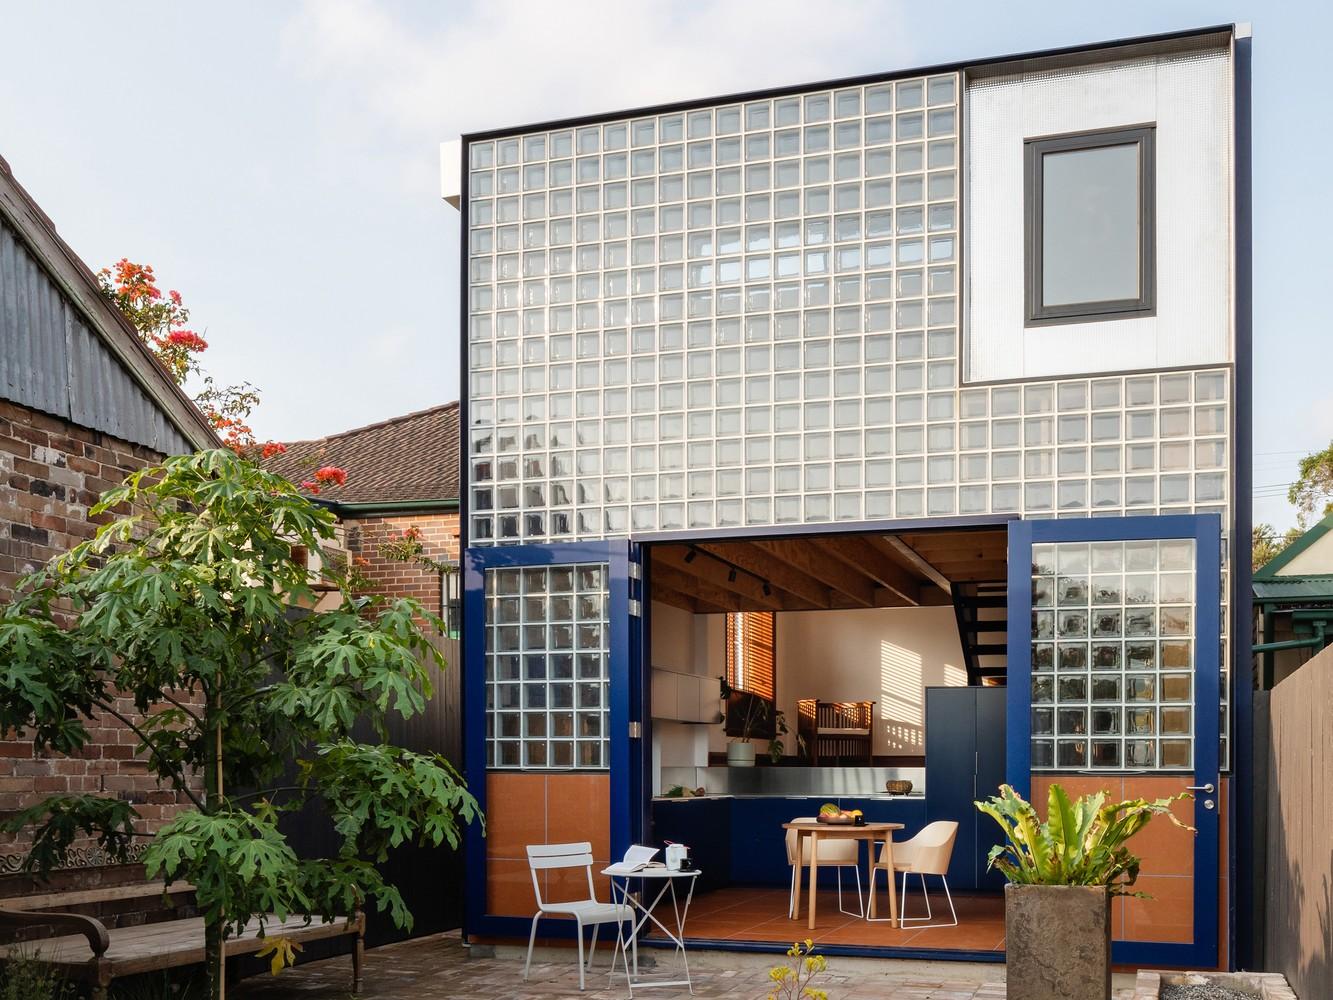 Tendencias en diseño y construcción del 2020: Lo recurrente, popular, relevante y sustancial,Glassbook House / Sibling Architecture. Image © Katherine Lu